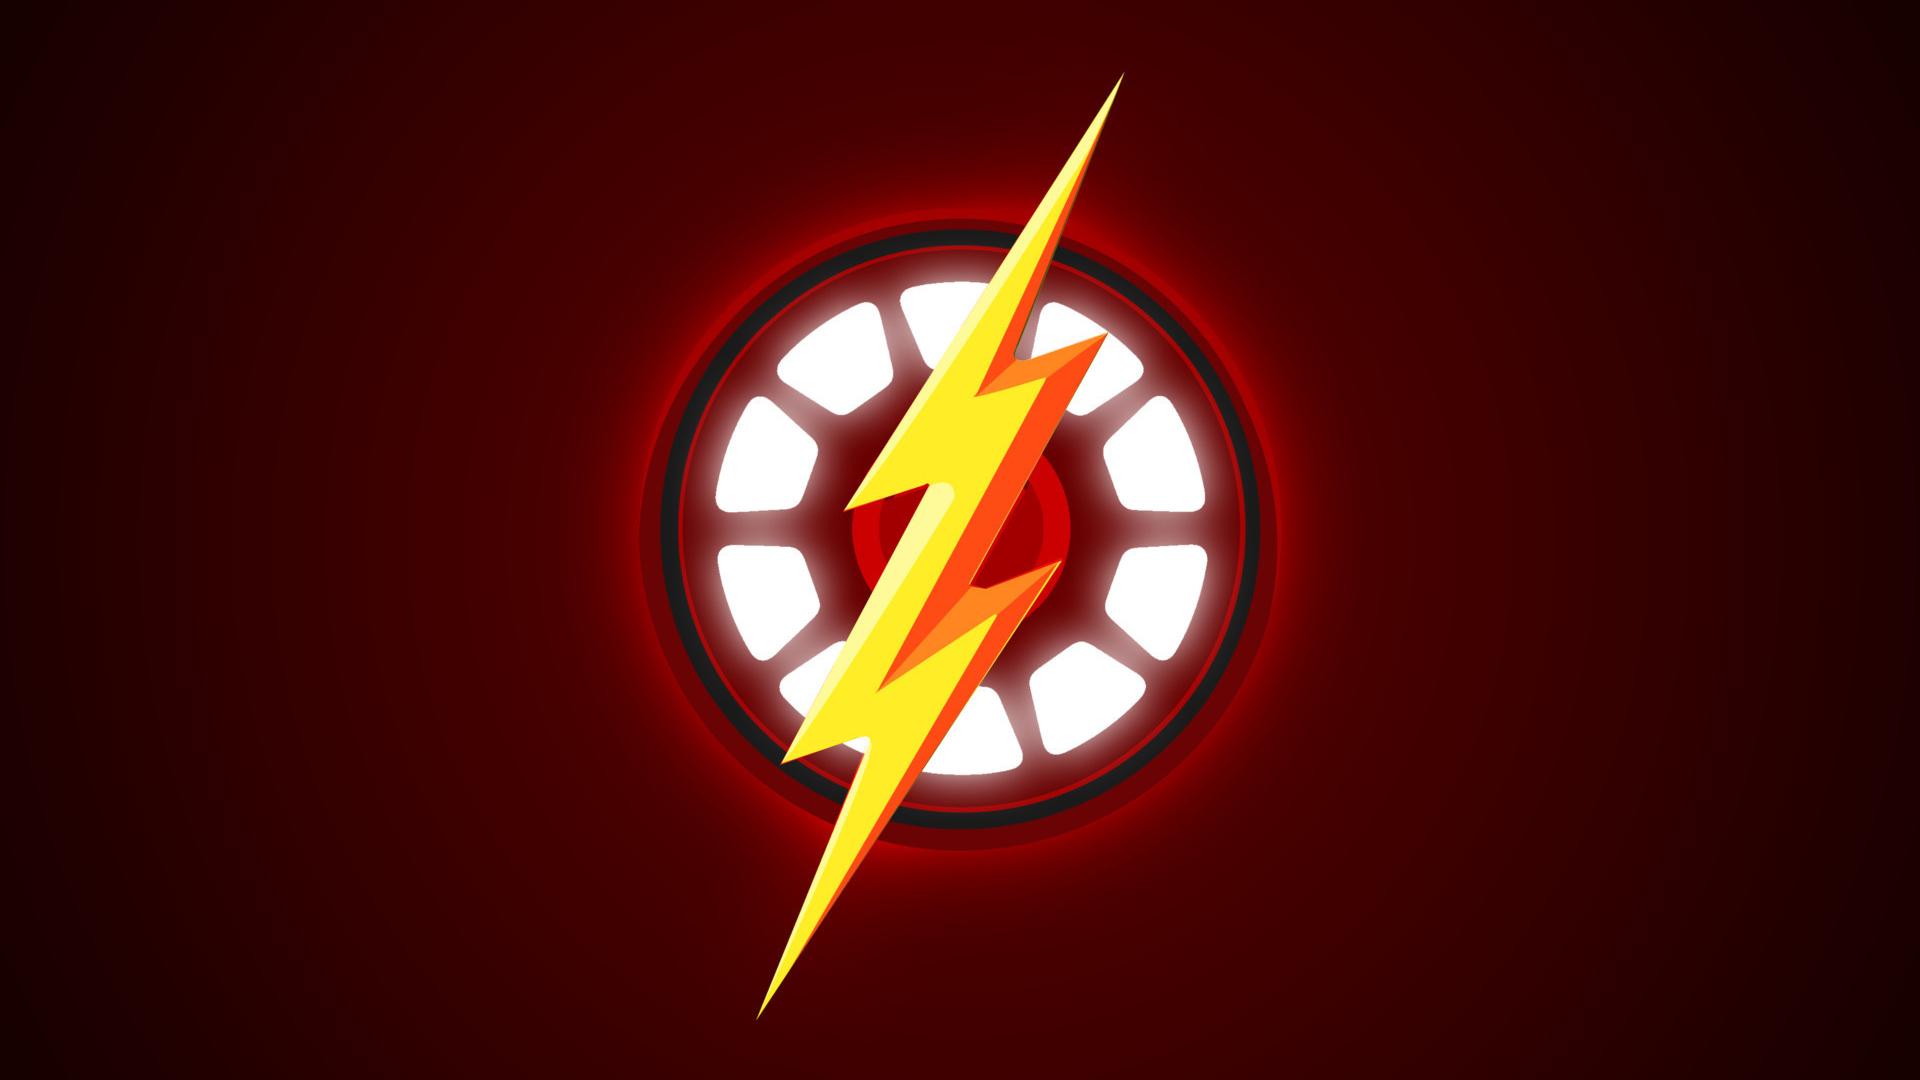 Download 1920x1080 Wallpaper Logo Minimal Iron Man The Flash